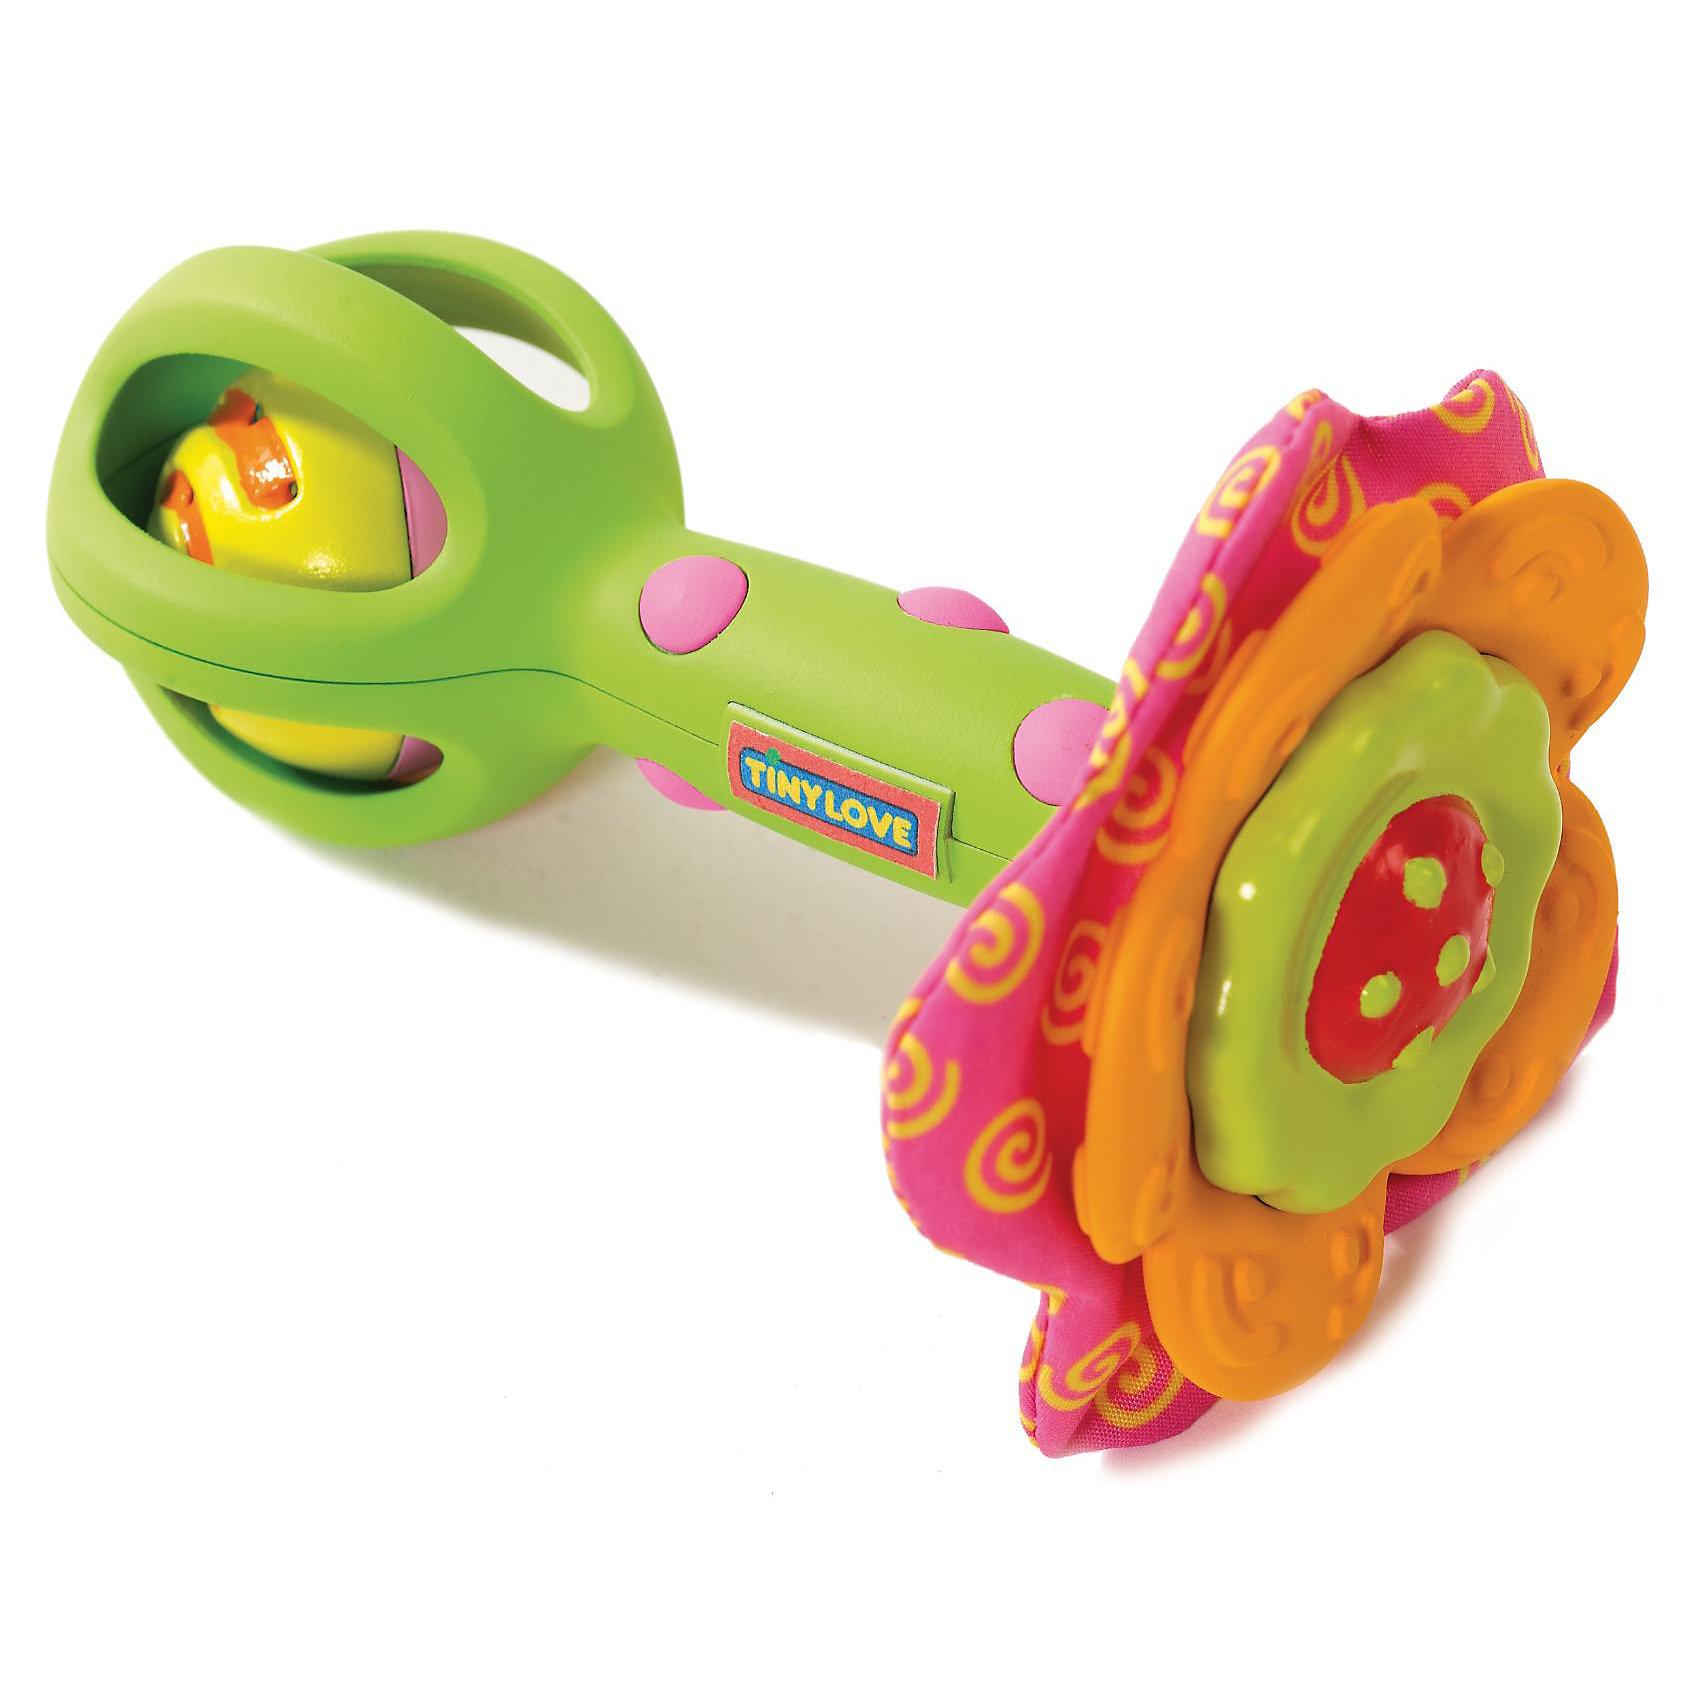 Развивающая игрушка Цветочек, Tiny LoveРазвивающая игрушка Цветочек, Tiny Love (Тини Лав)  серии Tiny Smarts - это уникальное сочетание всех чудесных свойств развивающих игрушек Tiny Love (Тини Лав)<br> <br>  Игрушки Tiny Smarts можно повсюду брать с собой - малыши перед ними не устоят. Погремушка-цветочек Flower Power может намного больше, чем просто трещать. <br> На стебельке этой яркой игрушки контрастных цветов, оптимальных для зрения малыша, есть резиновые шишечки, чтобы ребенку было удобней её держать. Внутри гремит шарик, шуршащие элементы и прорезыватели для зубок в форме лепестков цветка.<br><br>  Цветочек Flower Power - это не только весёлый жёлтый шарик-погремушка, но и кольцо-прорезыватель и забавно шуршащие лепесточки-лучики. Эта игрушка будет развивать органы чувств, мелкую моторику и мировосприятие малыша и ещё нескоро ему наскучит.<br><br>Размер игрушки: 8,5*8,5*13 см. <br><br>Развивающую игрушку Цветочек, Tiny Love (Тини Лав) можно купить в нашем интернет - магазине.<br><br>Ширина мм: 190<br>Глубина мм: 130<br>Высота мм: 70<br>Вес г: 66<br>Возраст от месяцев: 3<br>Возраст до месяцев: 18<br>Пол: Унисекс<br>Возраст: Детский<br>SKU: 1856278